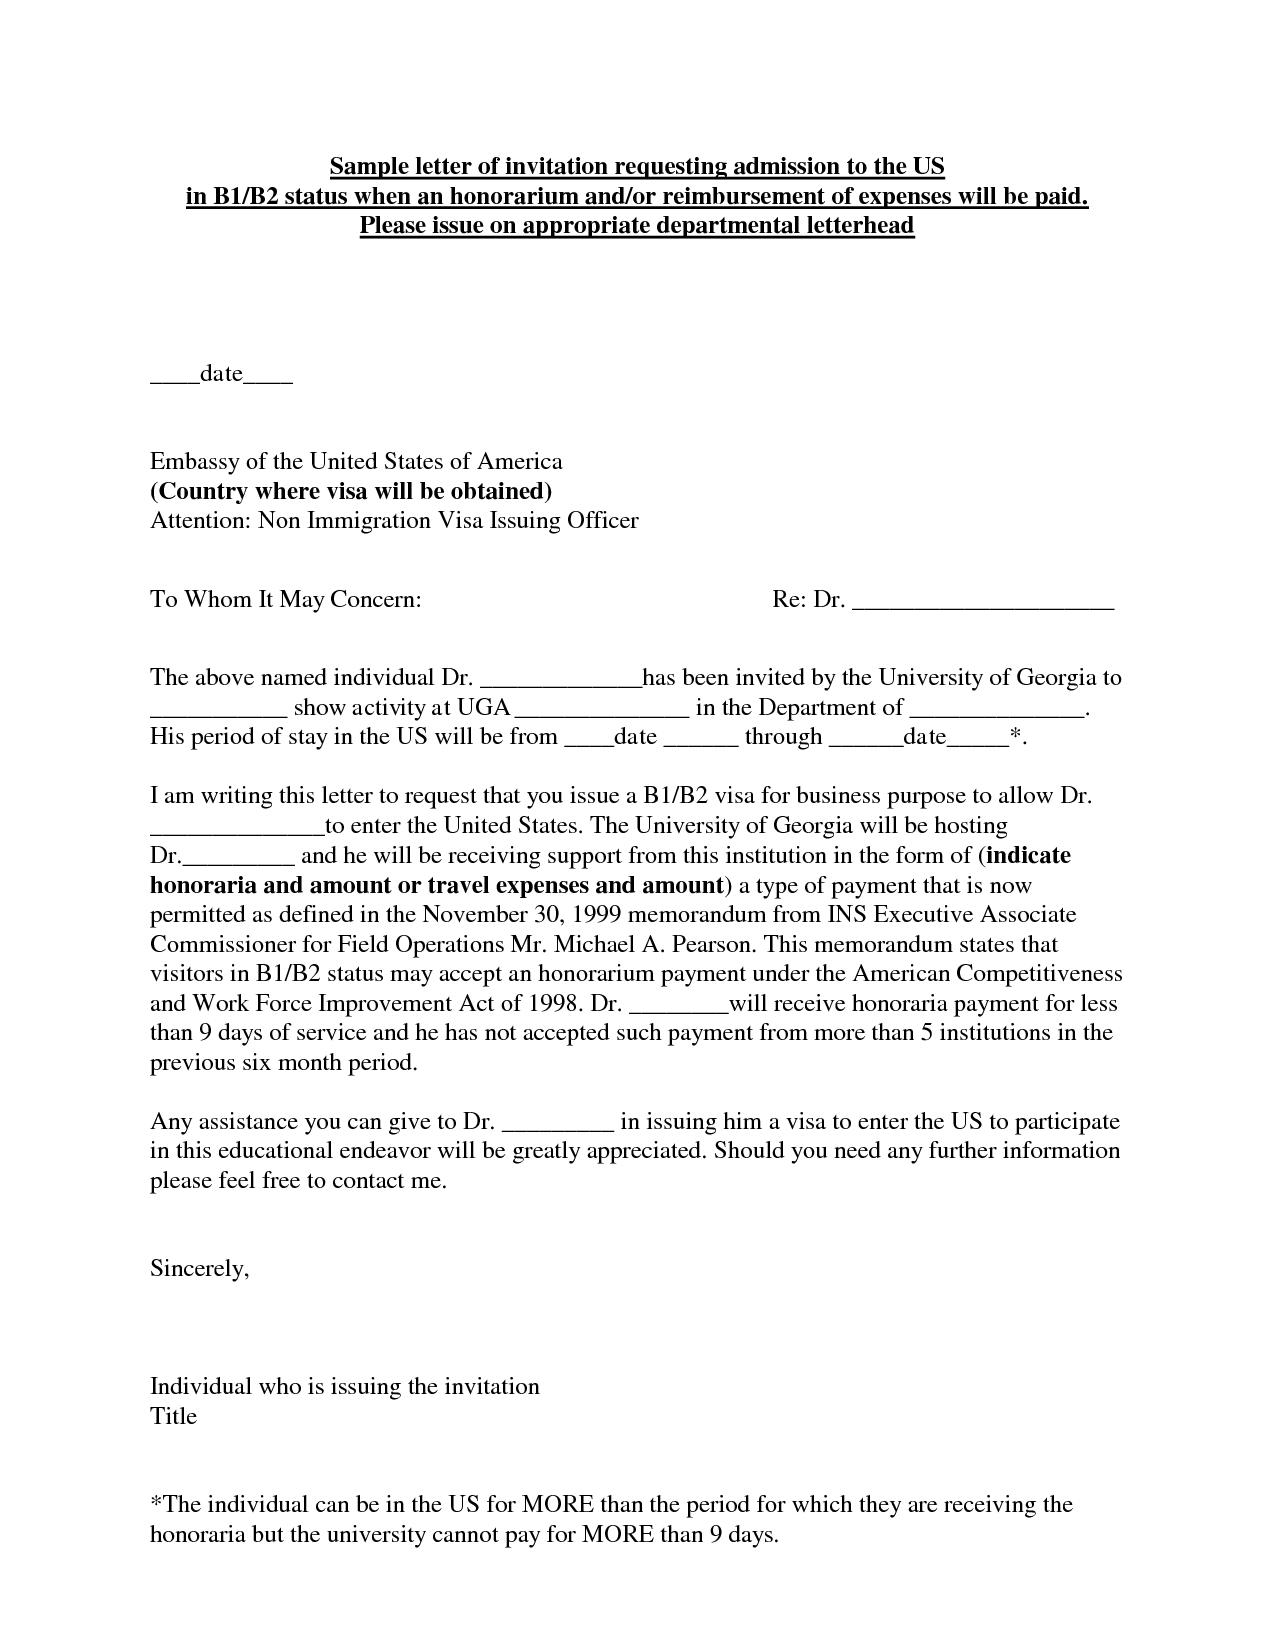 Complaint Letter Requesting Reimbursement For Sample Residency